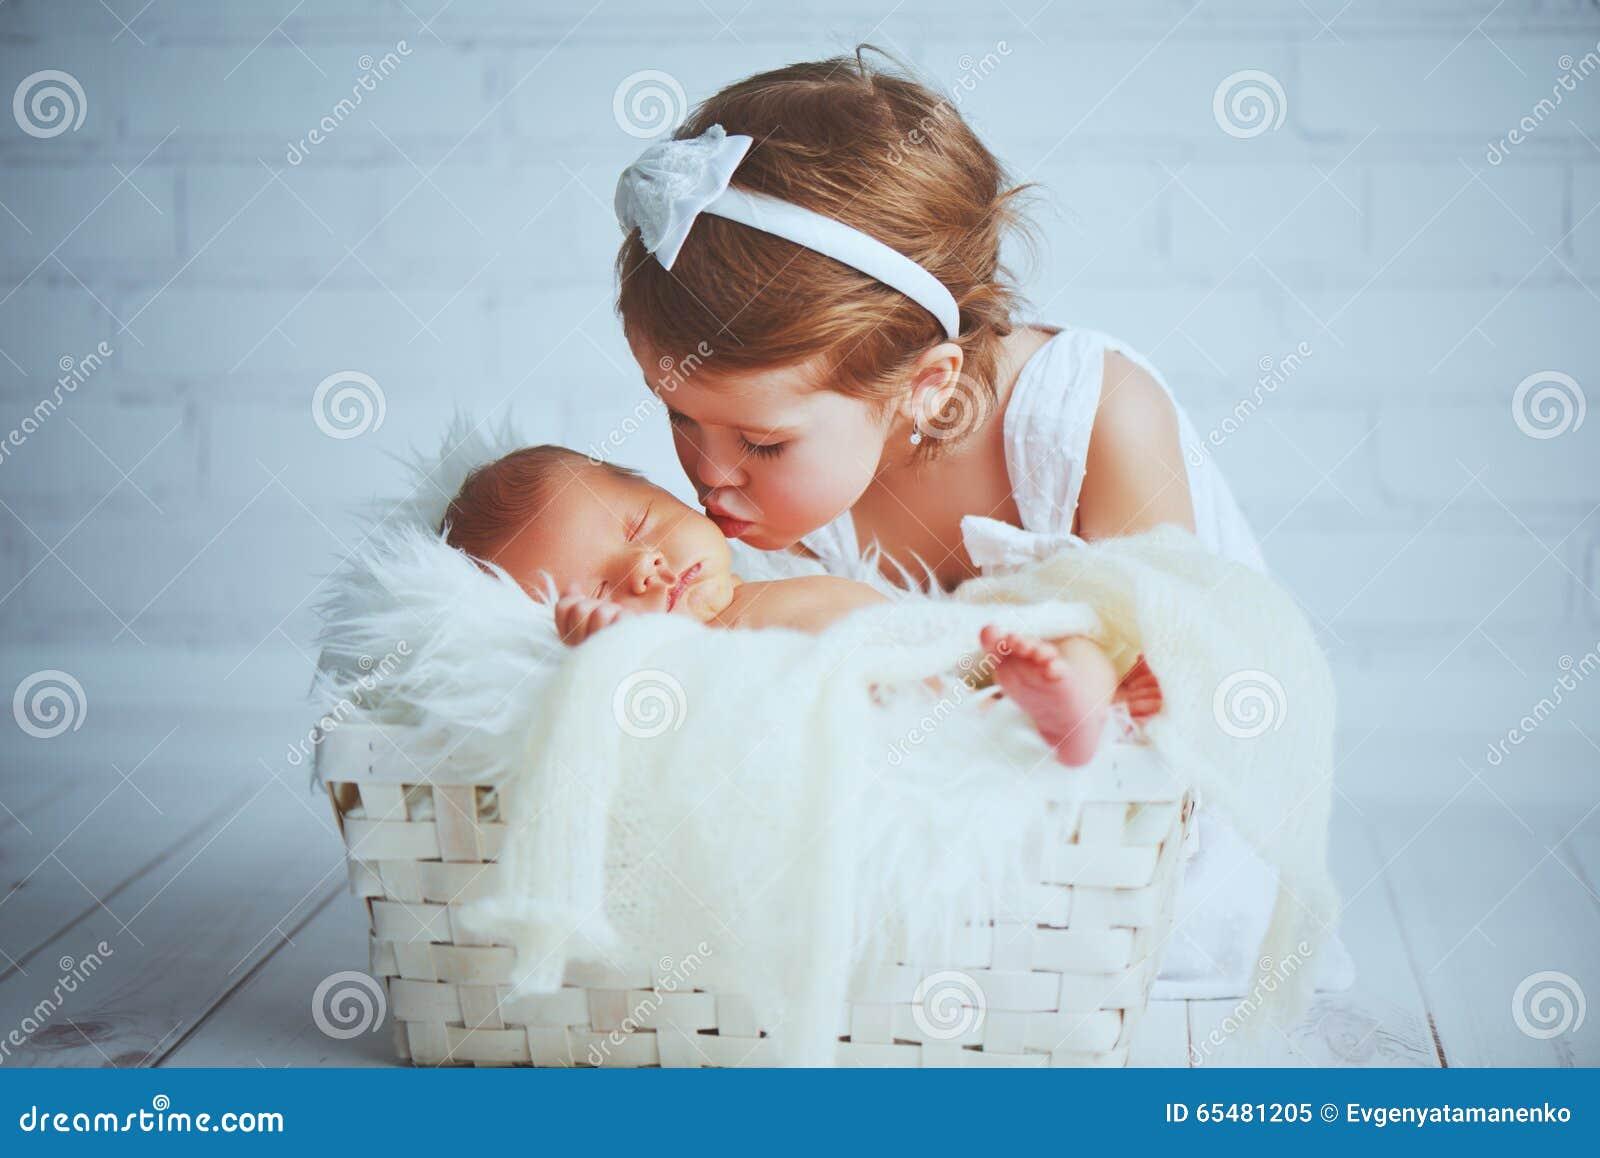 La sorella dei bambini bacia il bambino sonnolento neonato del fratello su una luce